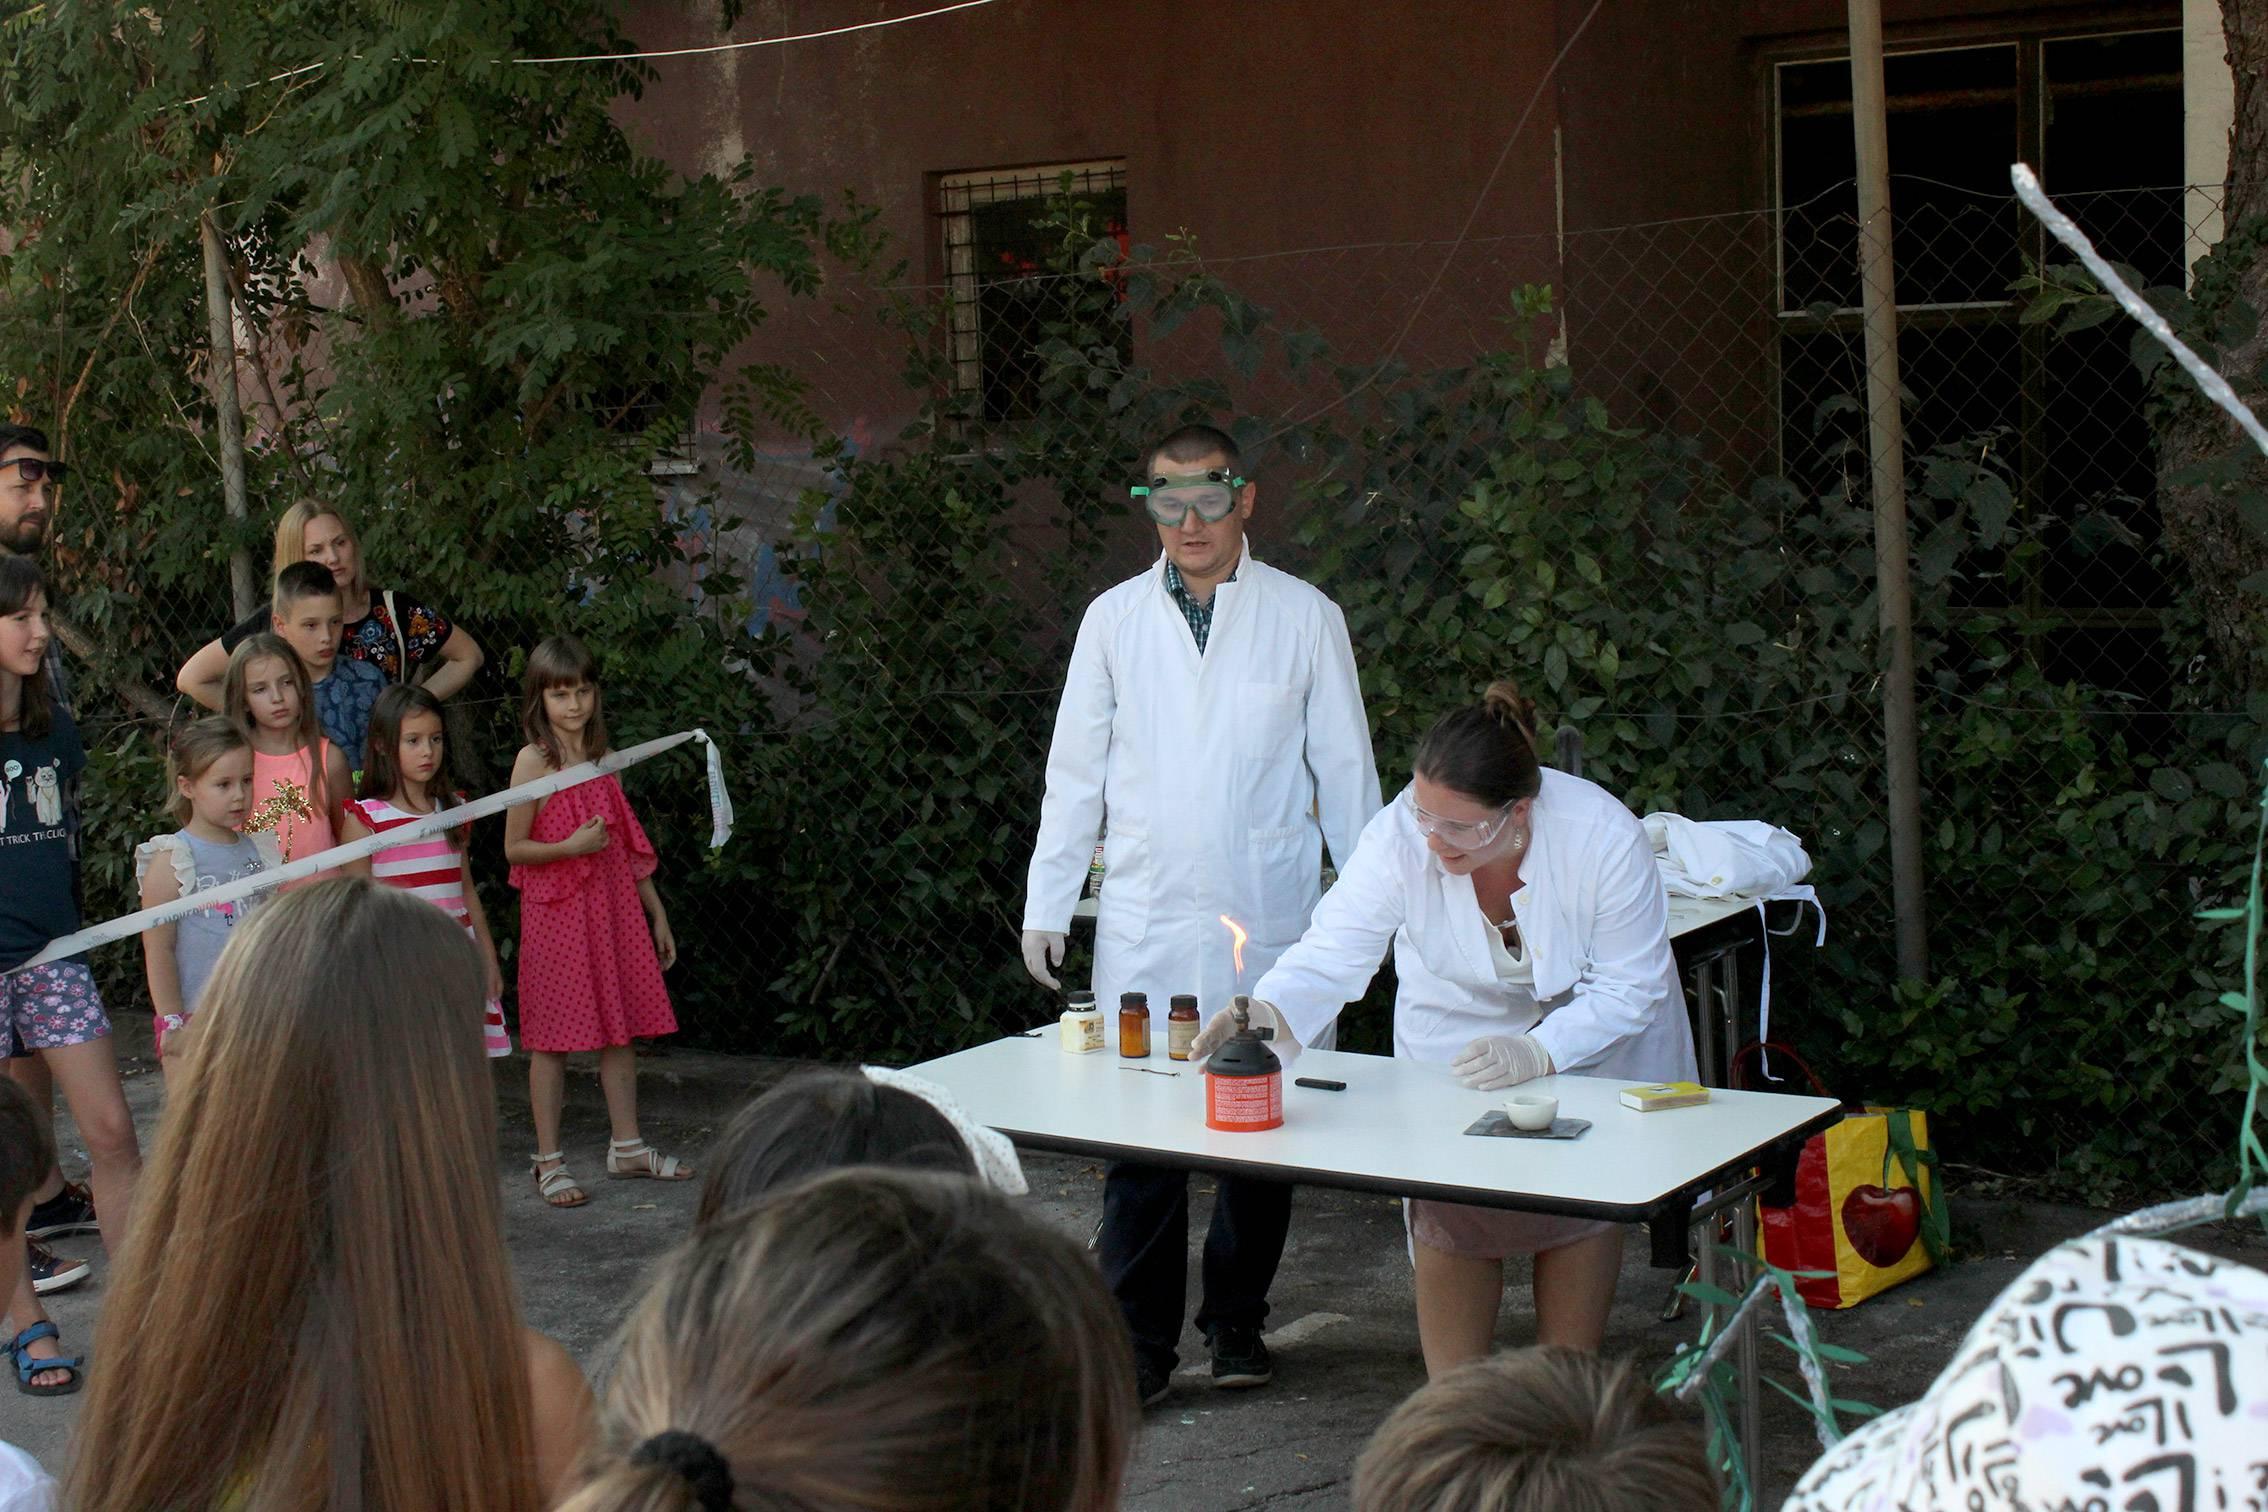 Mali kemičari: kemija na otvorenom